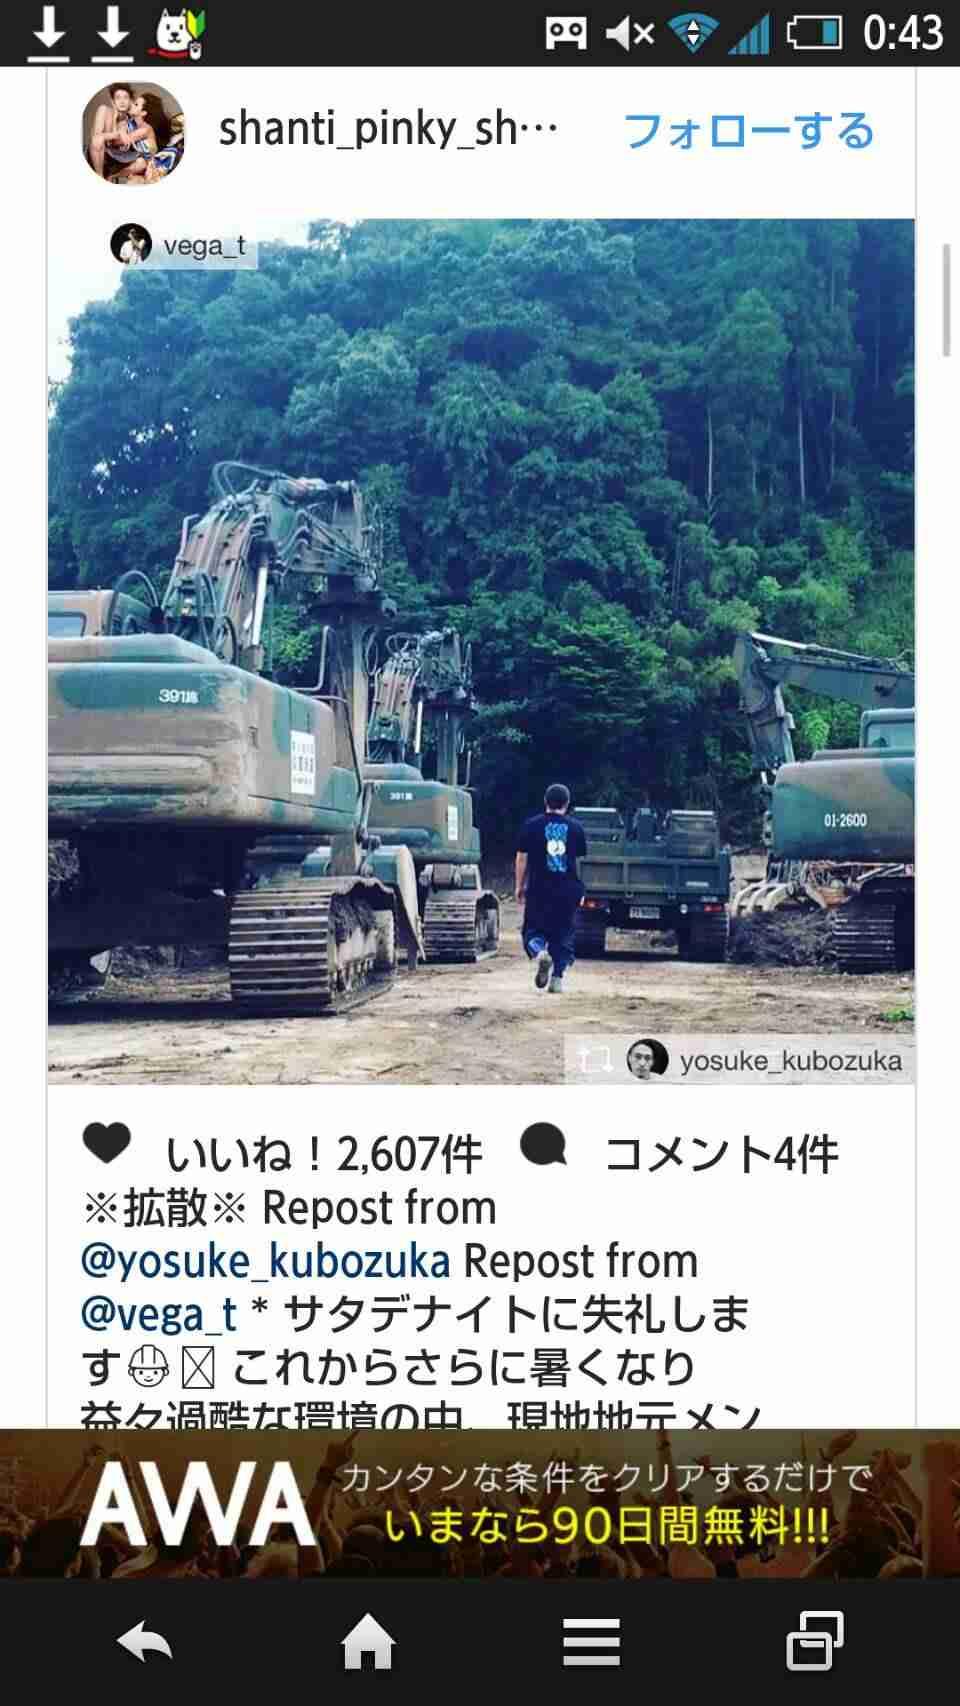 窪塚洋介 福岡大分豪雨災害の現地で復興支援、紗栄子も現地へ|ニフティニュース